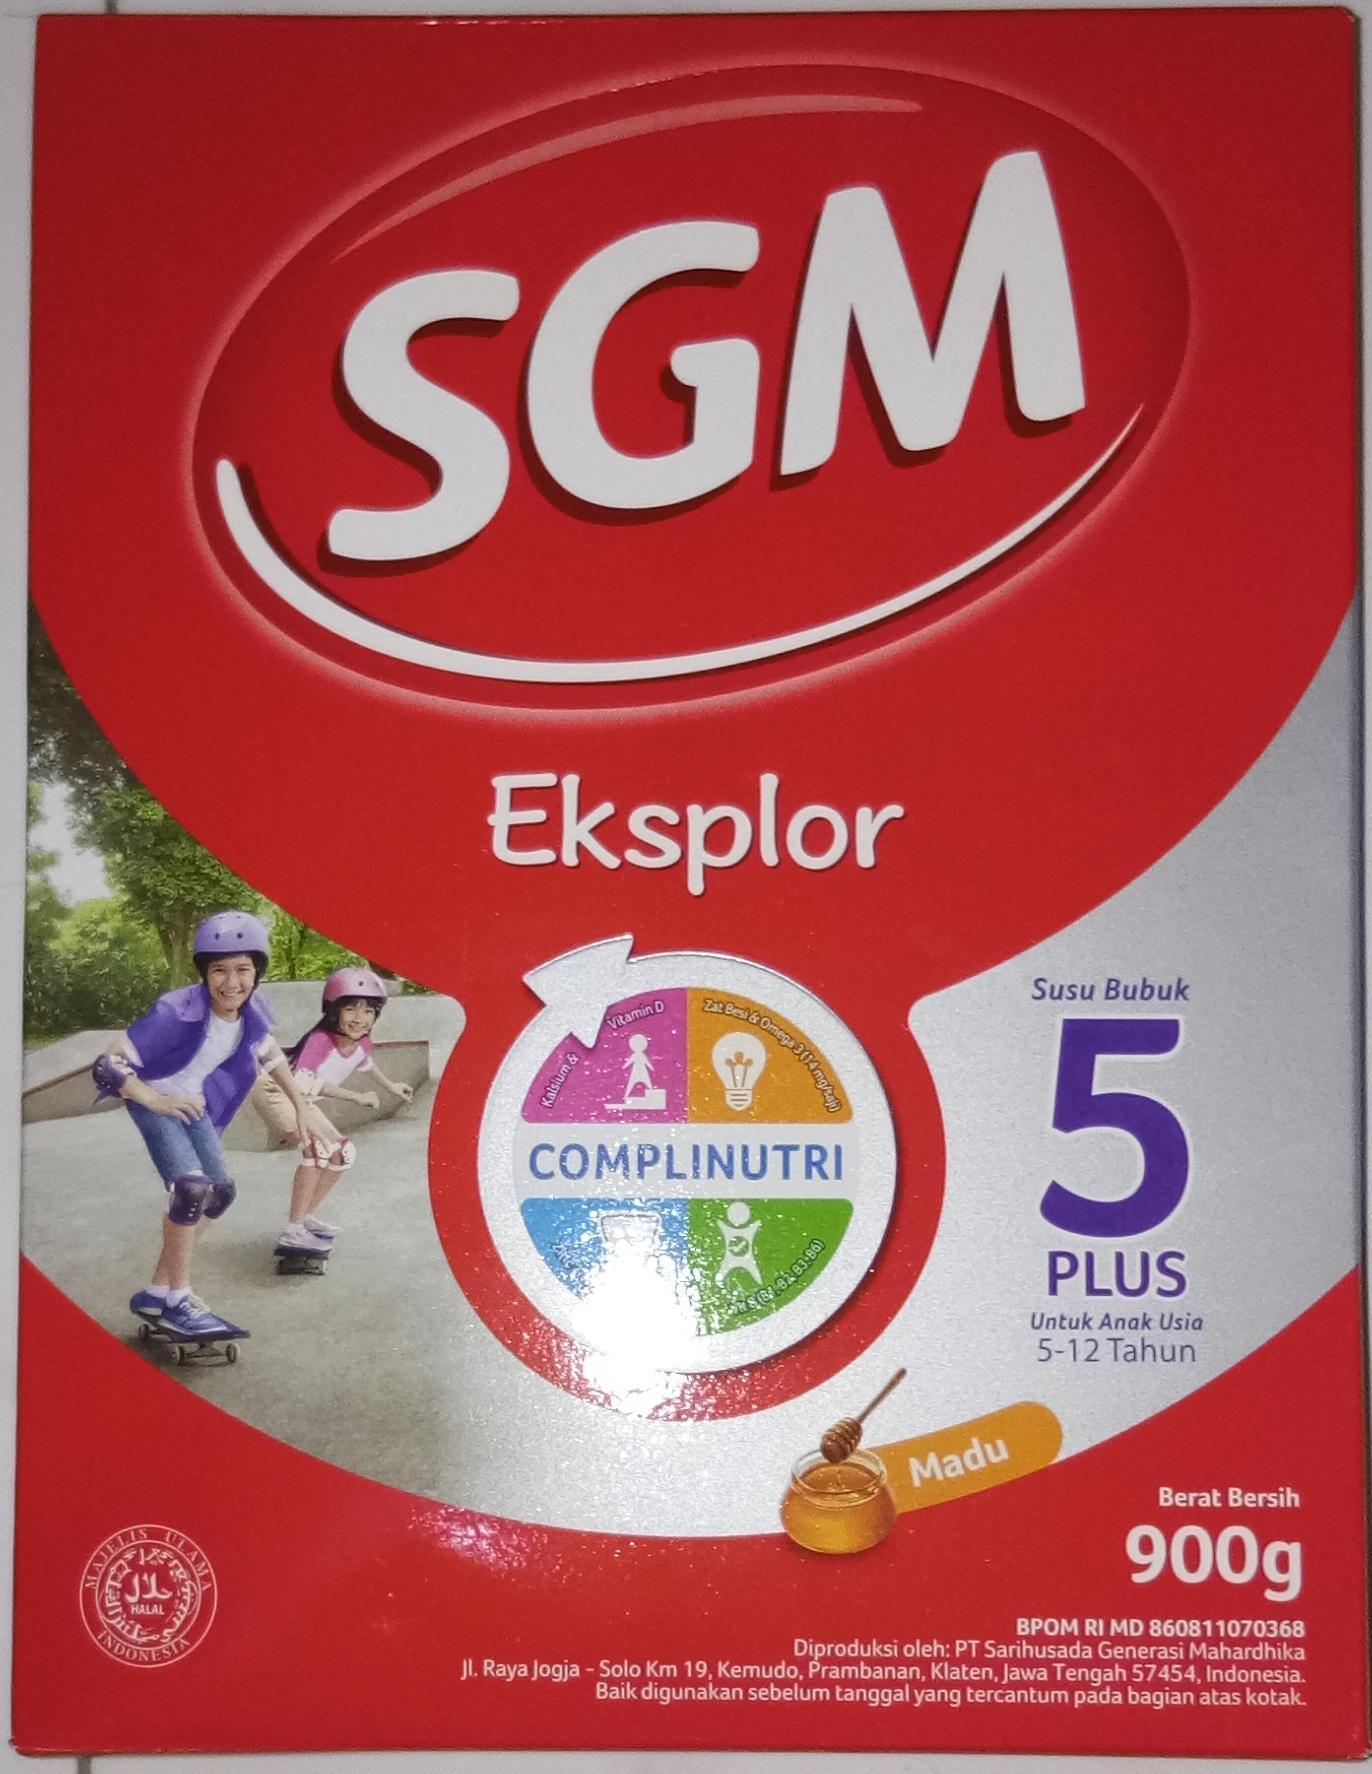 Susu Pertumbuhan 3tahun Terbaik Bebelac 4 Fos Gos Madu 400g Sgm Eksplor 5plus 5 12 Tahun Box 900gr